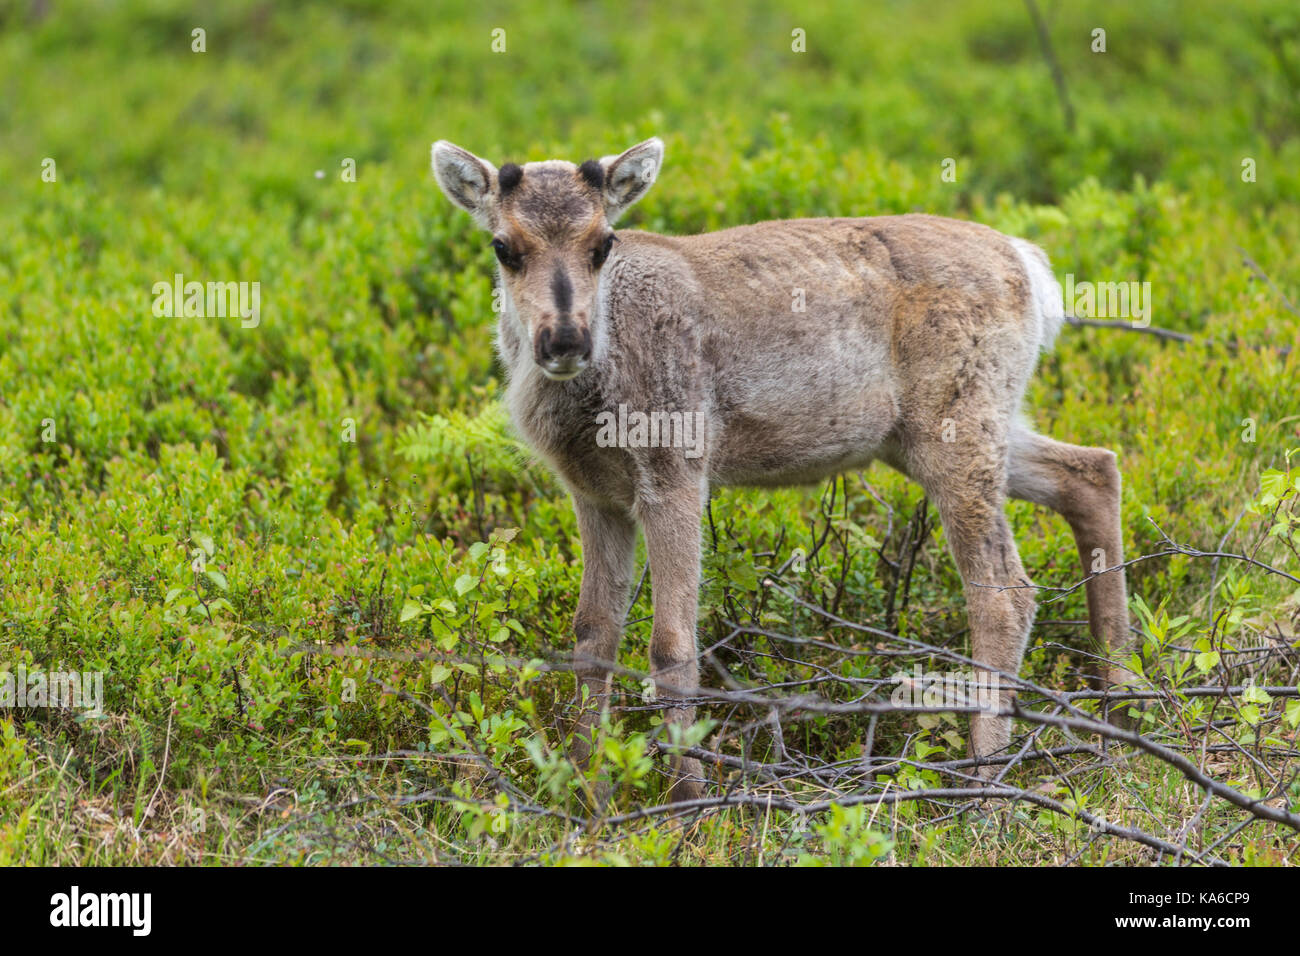 En la pantorrilla, renos, gällivare rangifer tarandus, la Laponia sueca, Suecia Imagen De Stock